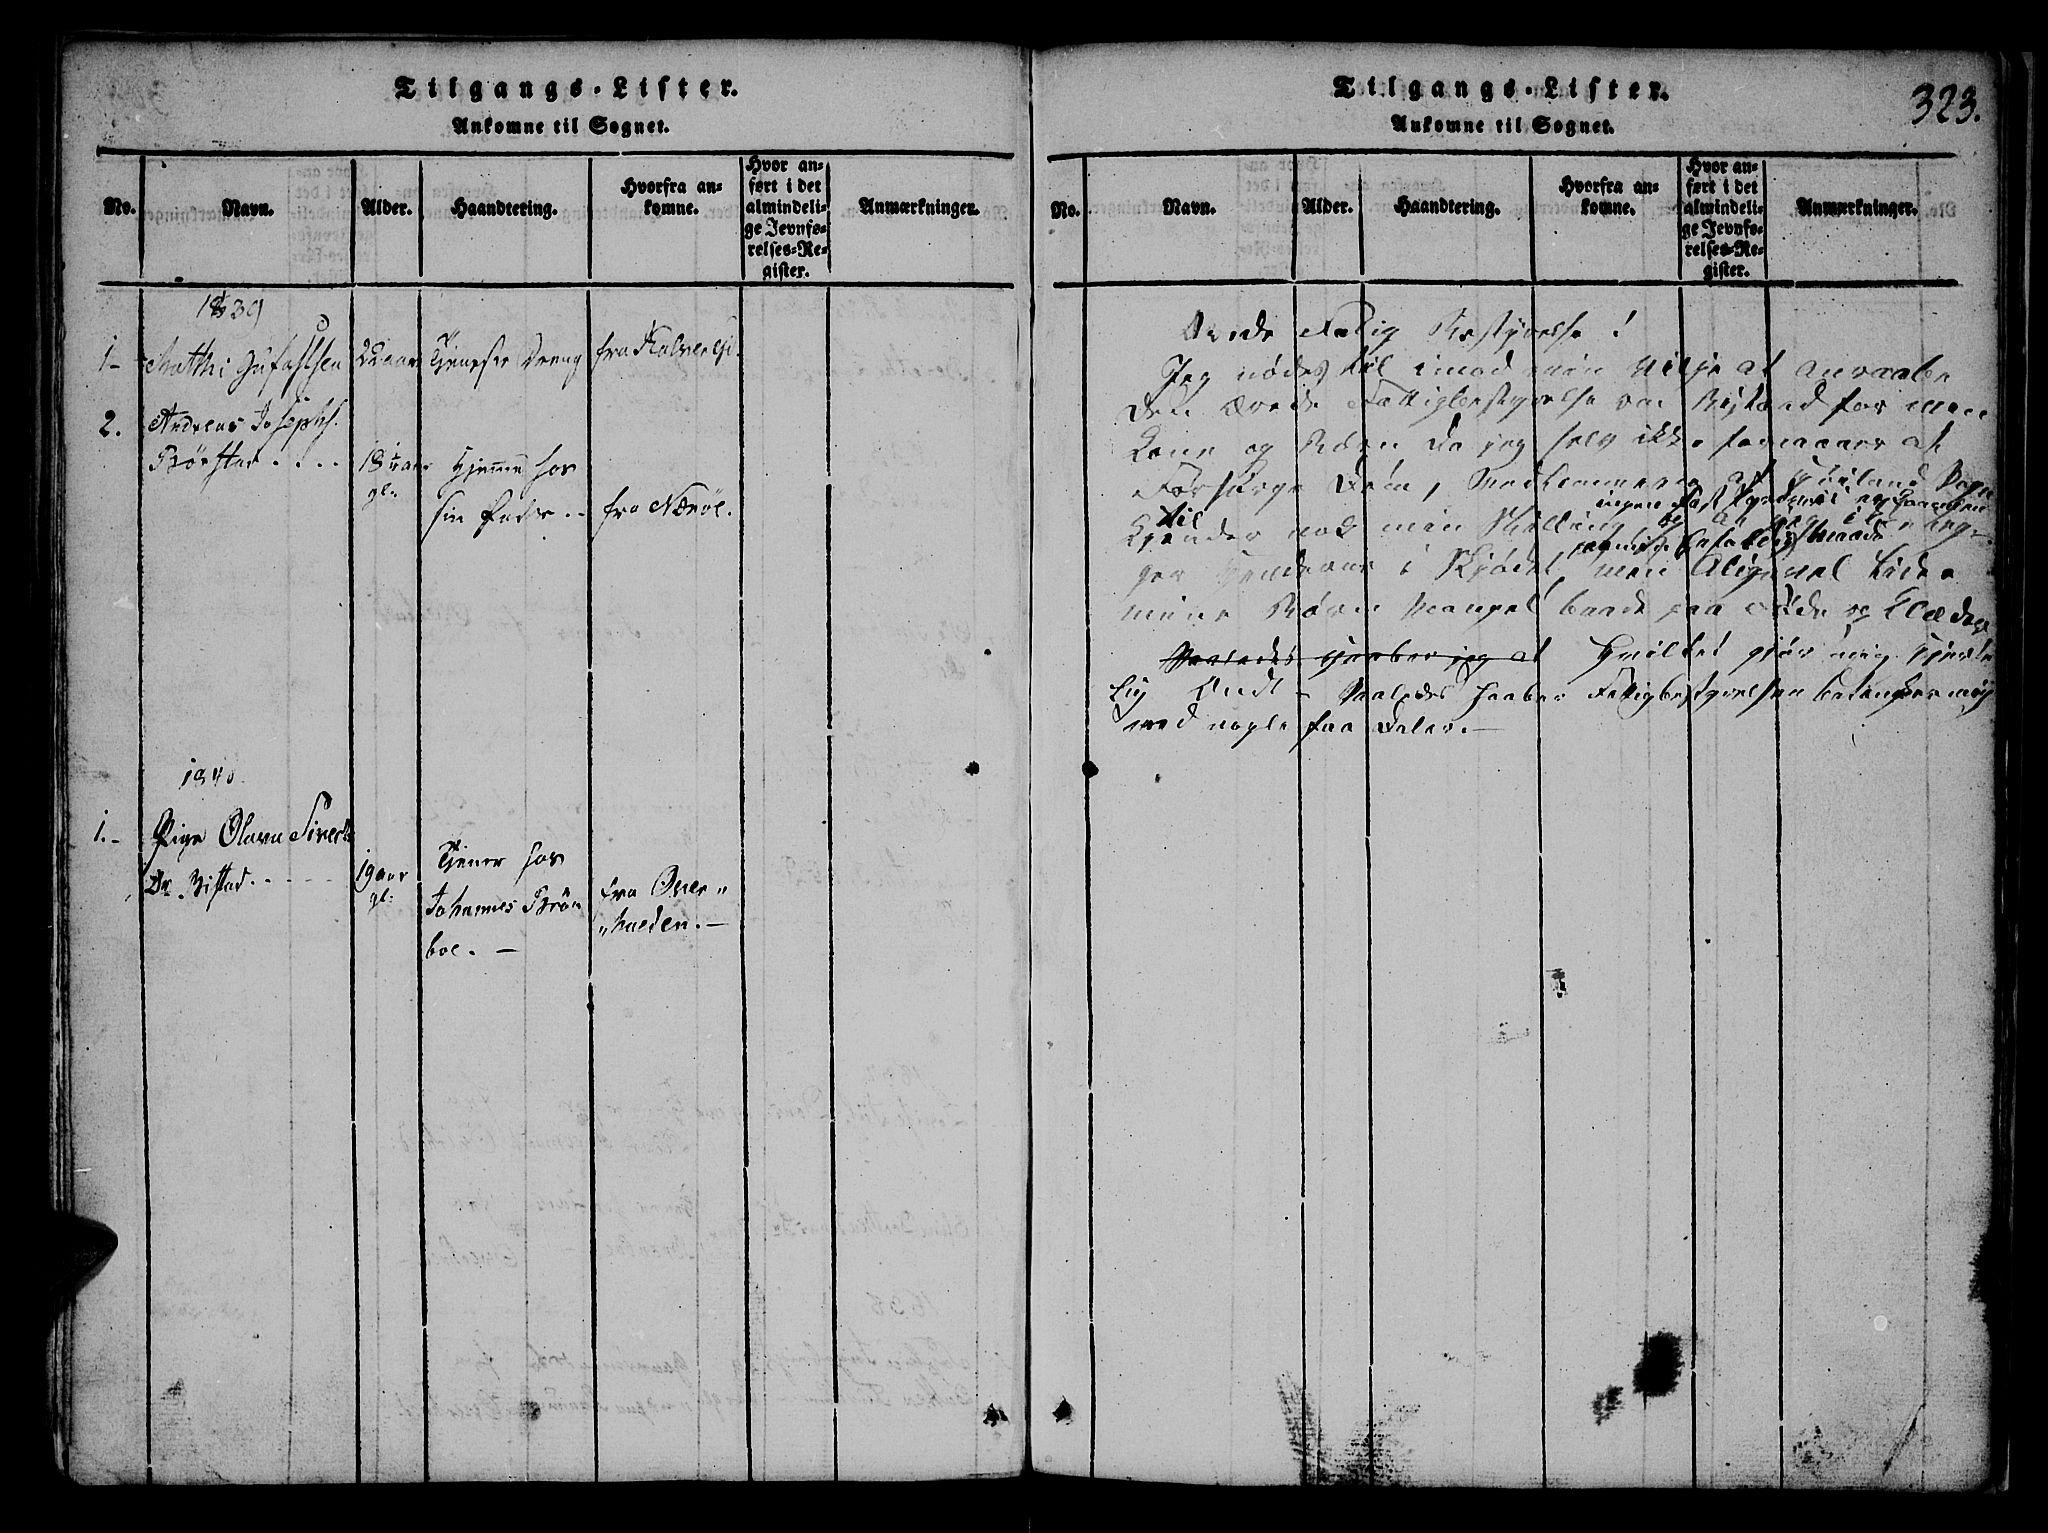 SAT, Ministerialprotokoller, klokkerbøker og fødselsregistre - Nord-Trøndelag, 765/L0562: Klokkerbok nr. 765C01, 1817-1851, s. 323